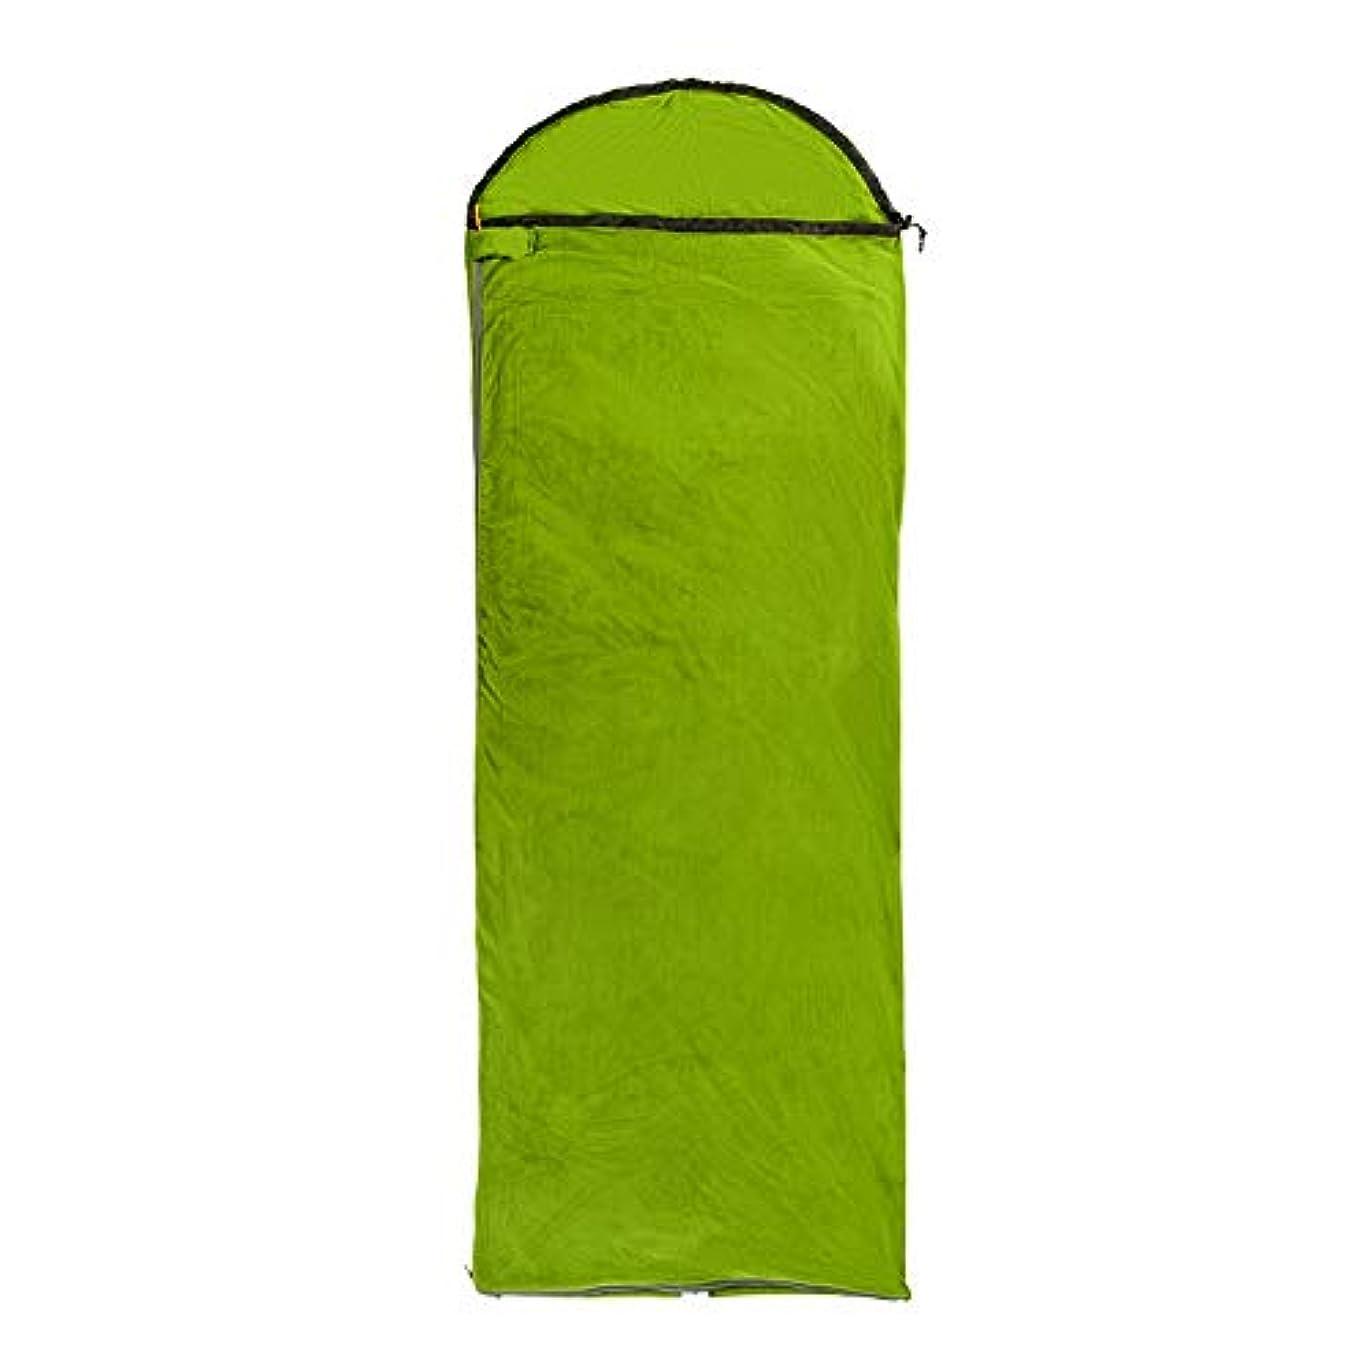 安定エレベーター酒IAIZI 寝袋大人のキャンプキャンプ超軽量ポータブル夏の春と秋の暖かい下着 (Color : Green)